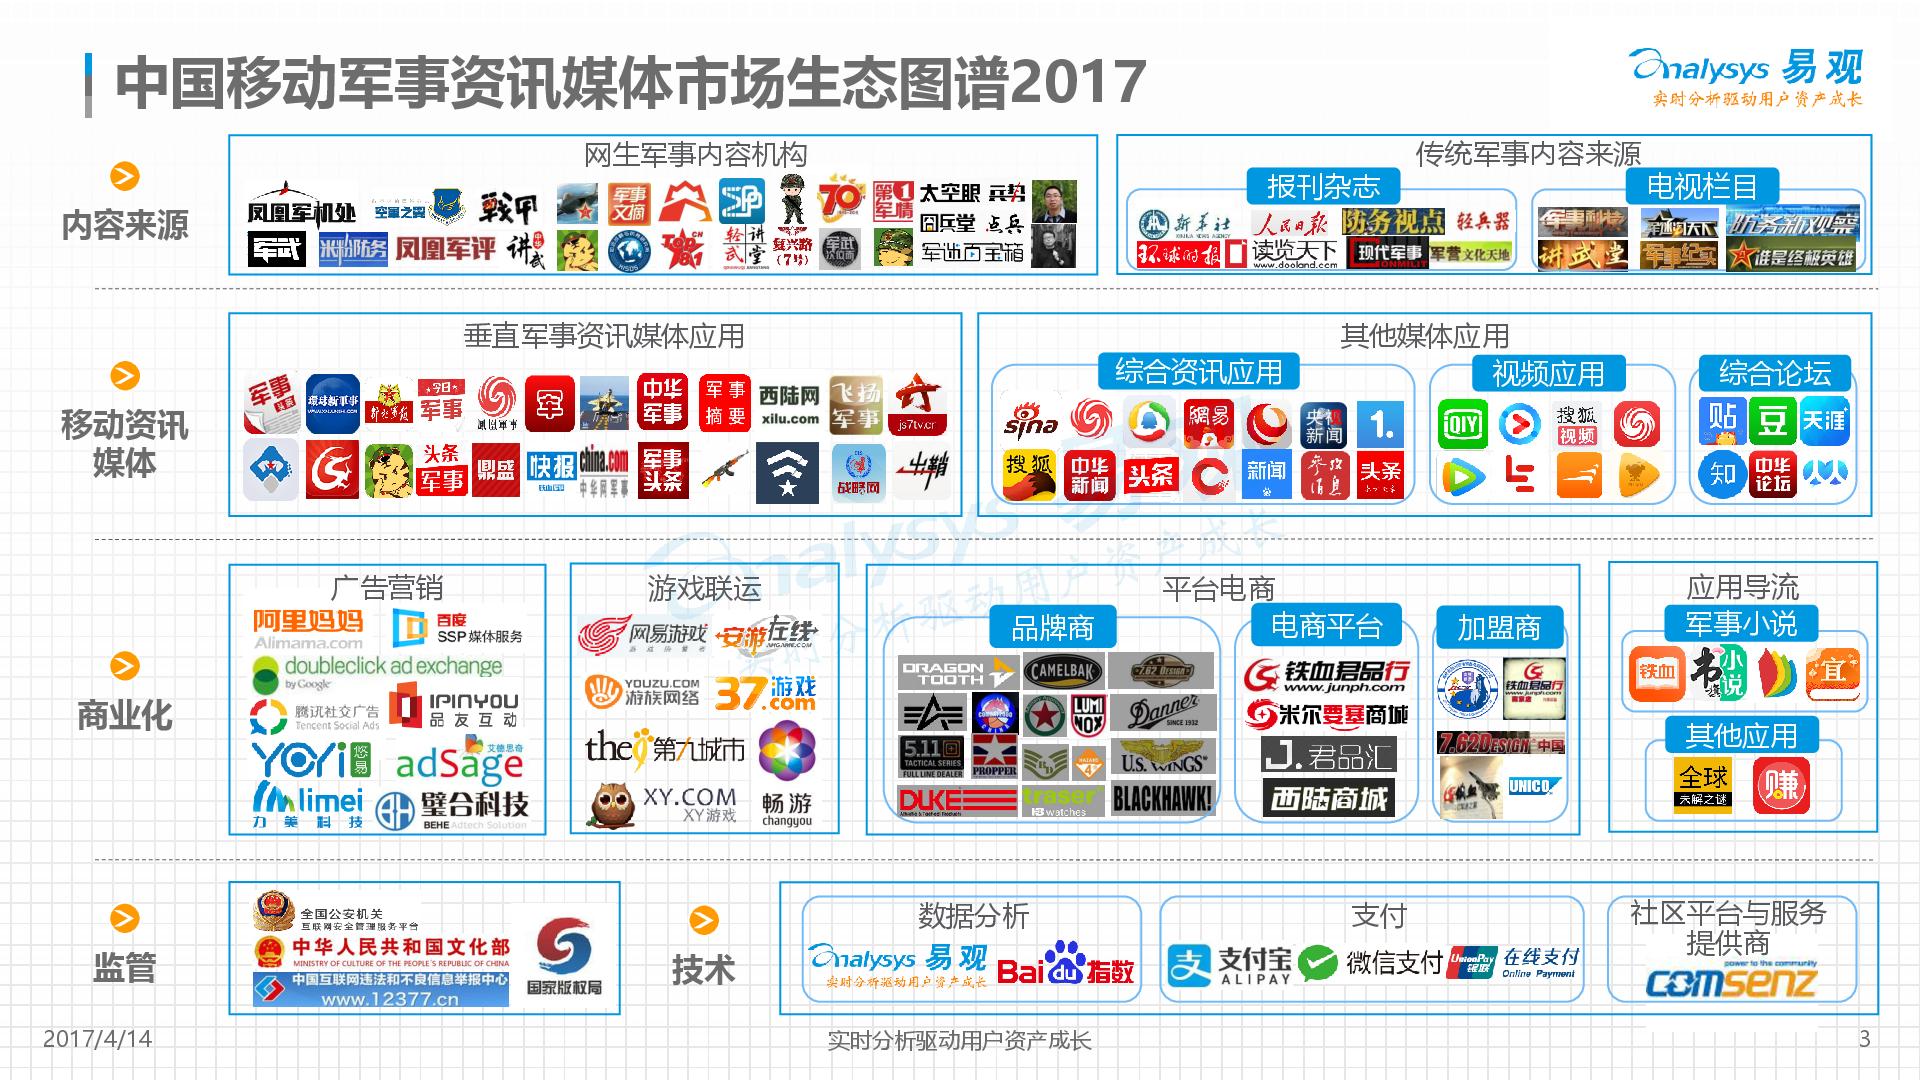 军事资讯_中国移动军事资讯媒体市场生态图谱2017 - 易观